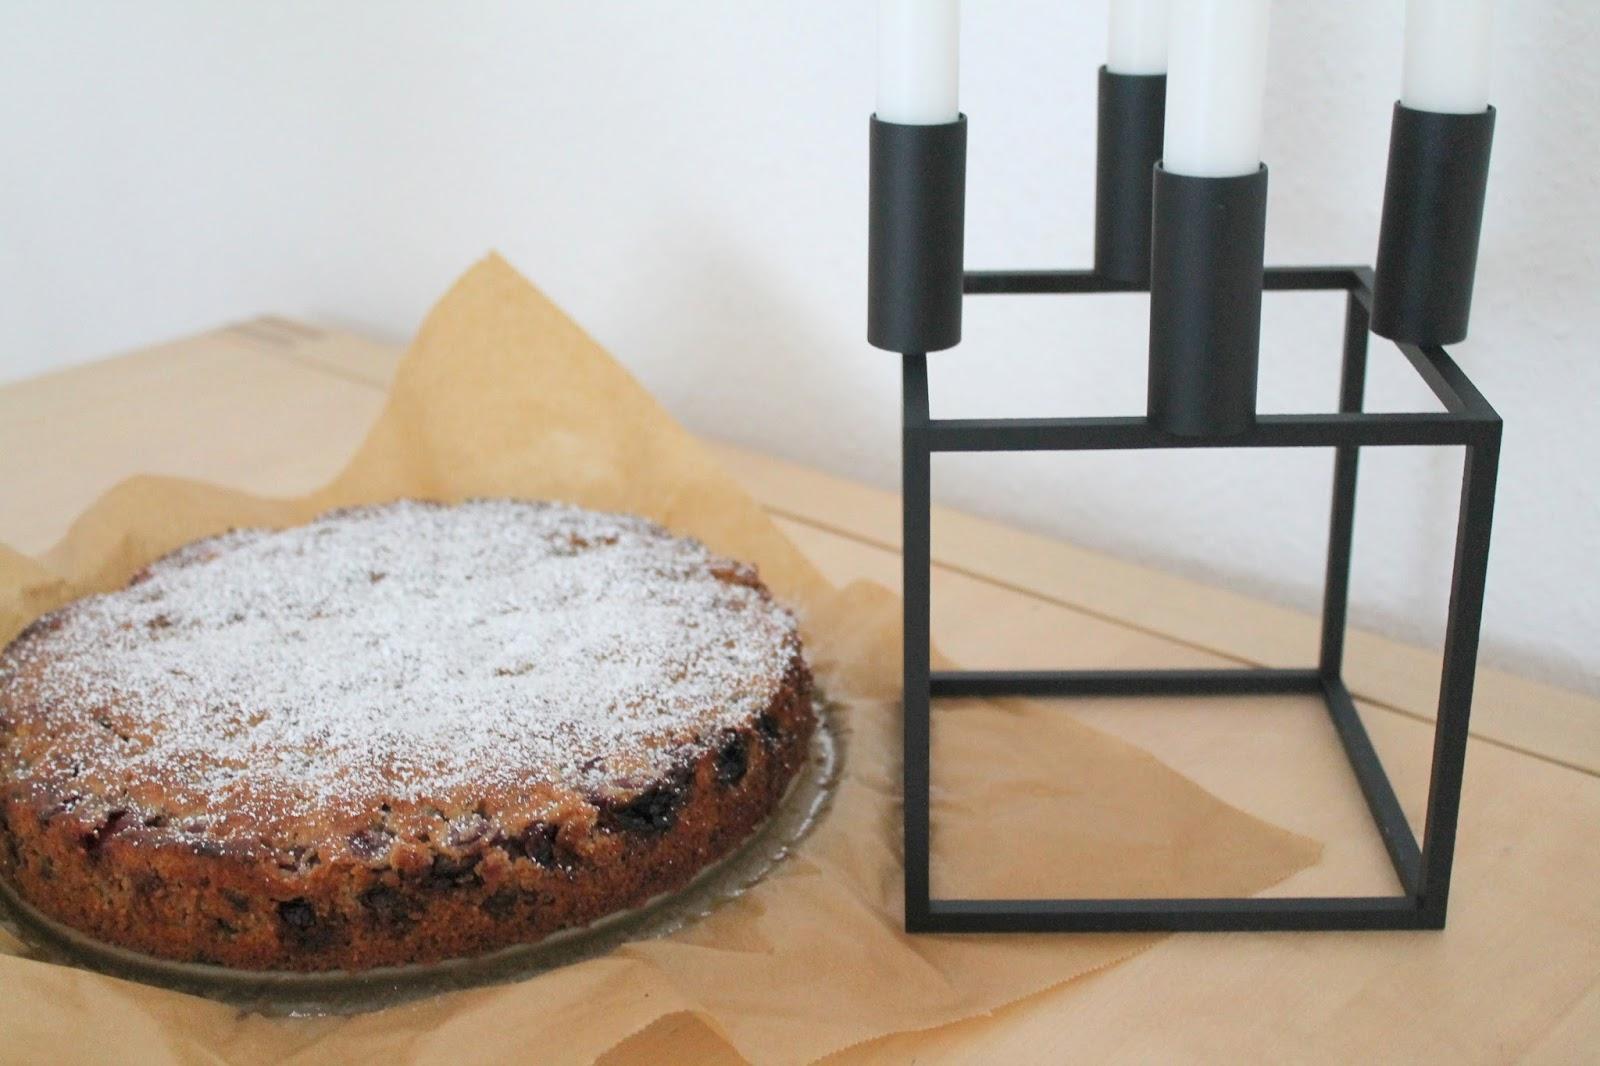 Rezept Kirsch-Schokokuchen und Kubus 4 by Lassen